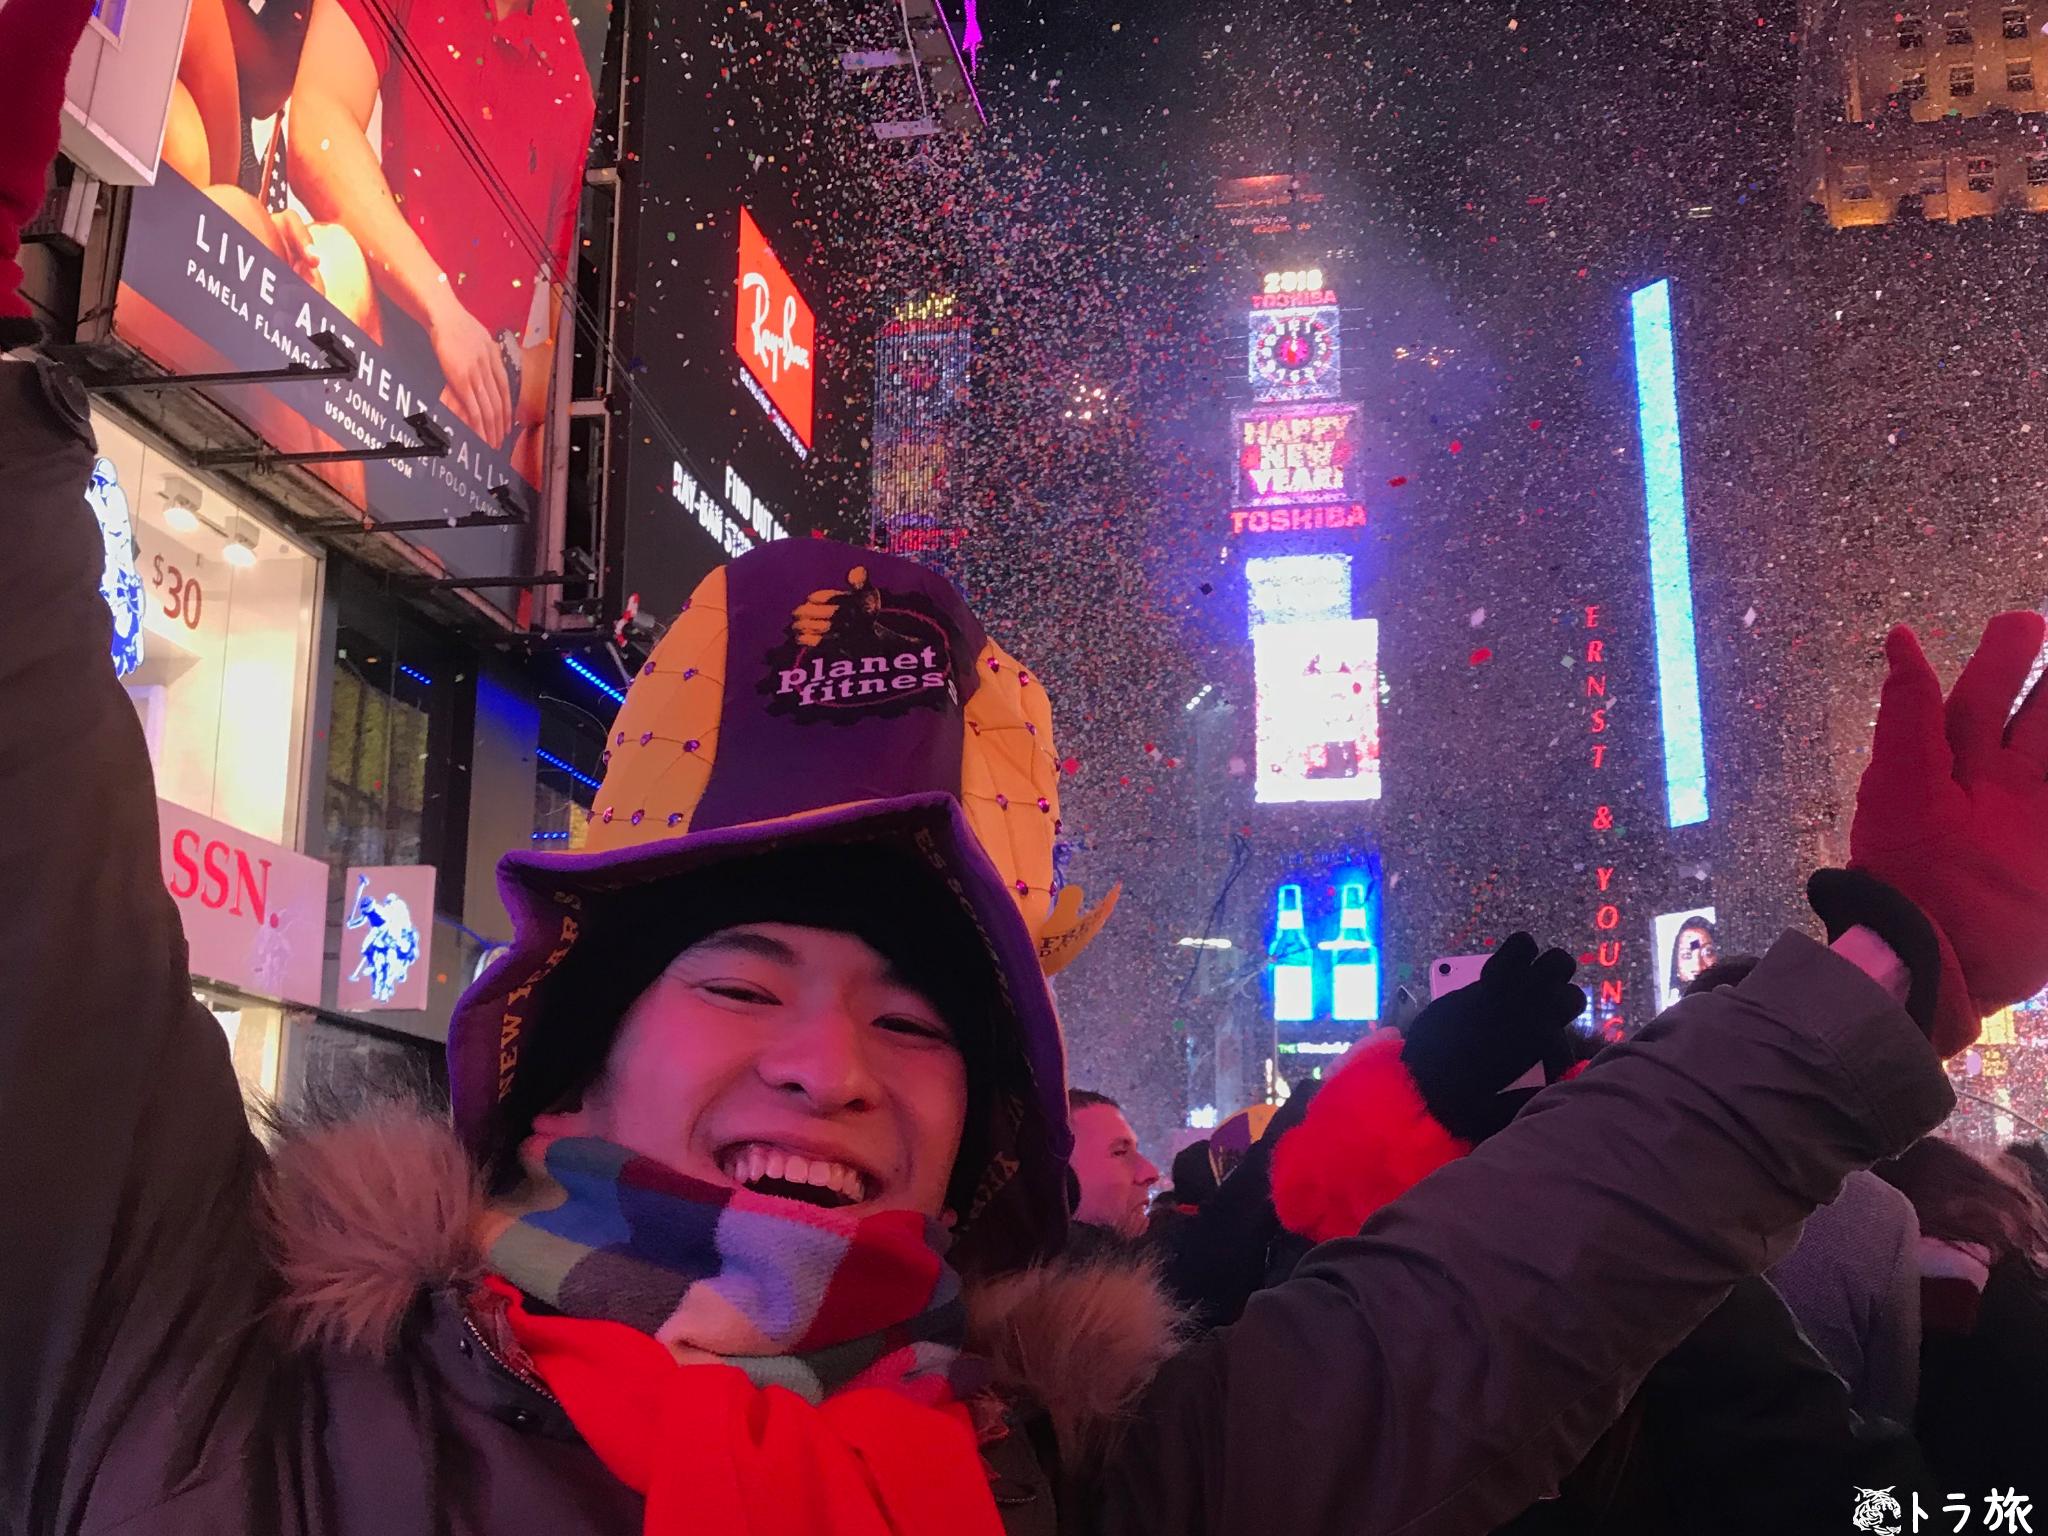 【ニューヨーク】世界で一番豪華で過酷なタイムズスクエアの年越し【アメリカ】